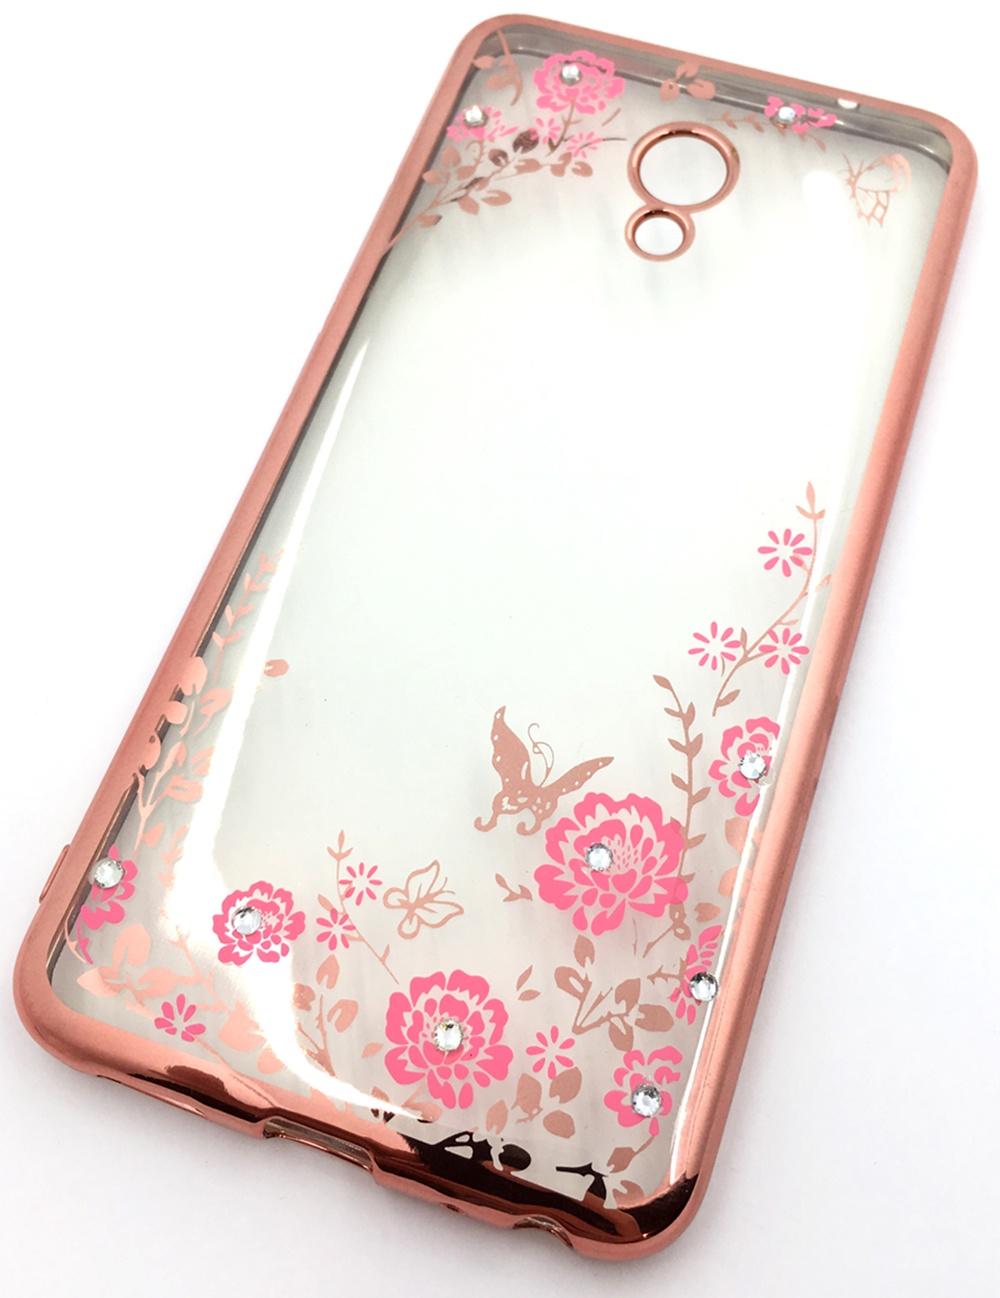 Чехол для сотового телефона Мобильная мода Meizu MX6 Силиконовая, прозрачная накладка со стразами, 6370R, розовый все цены